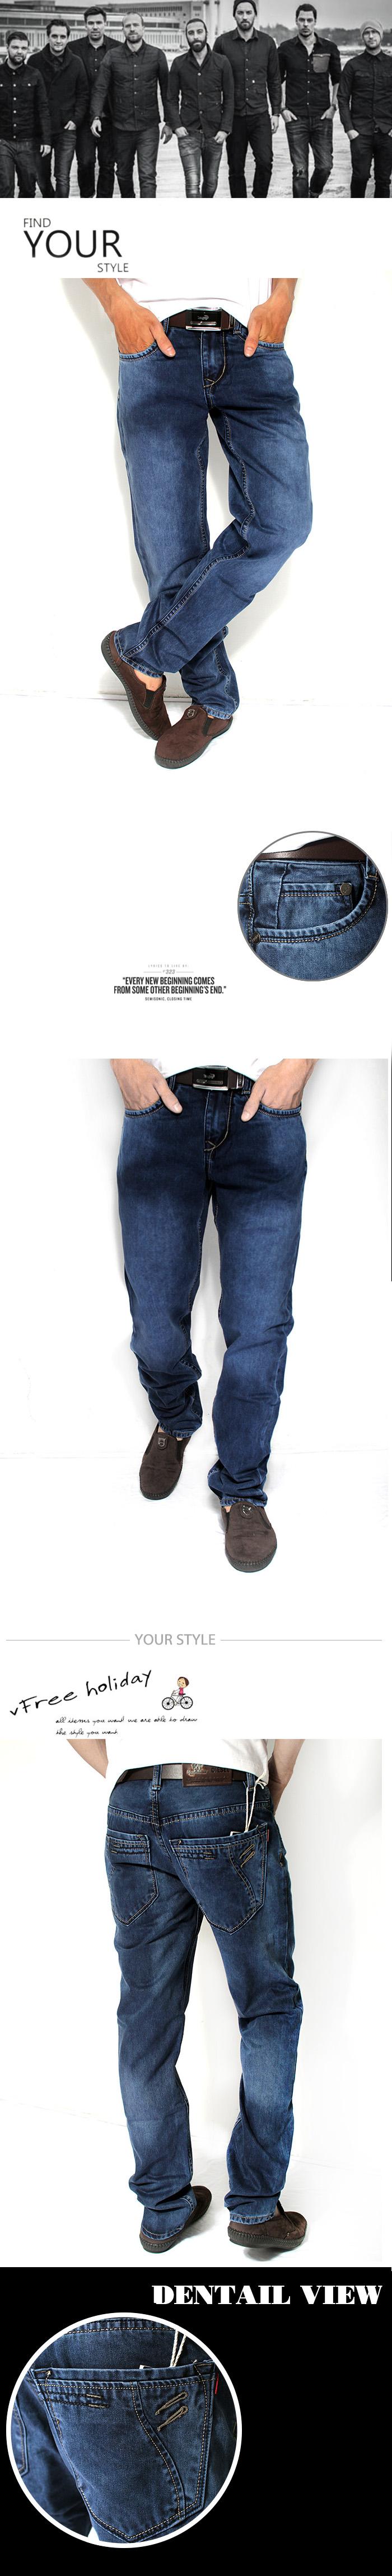 Quần jean ống đứng xanh đen qj1174 - 1